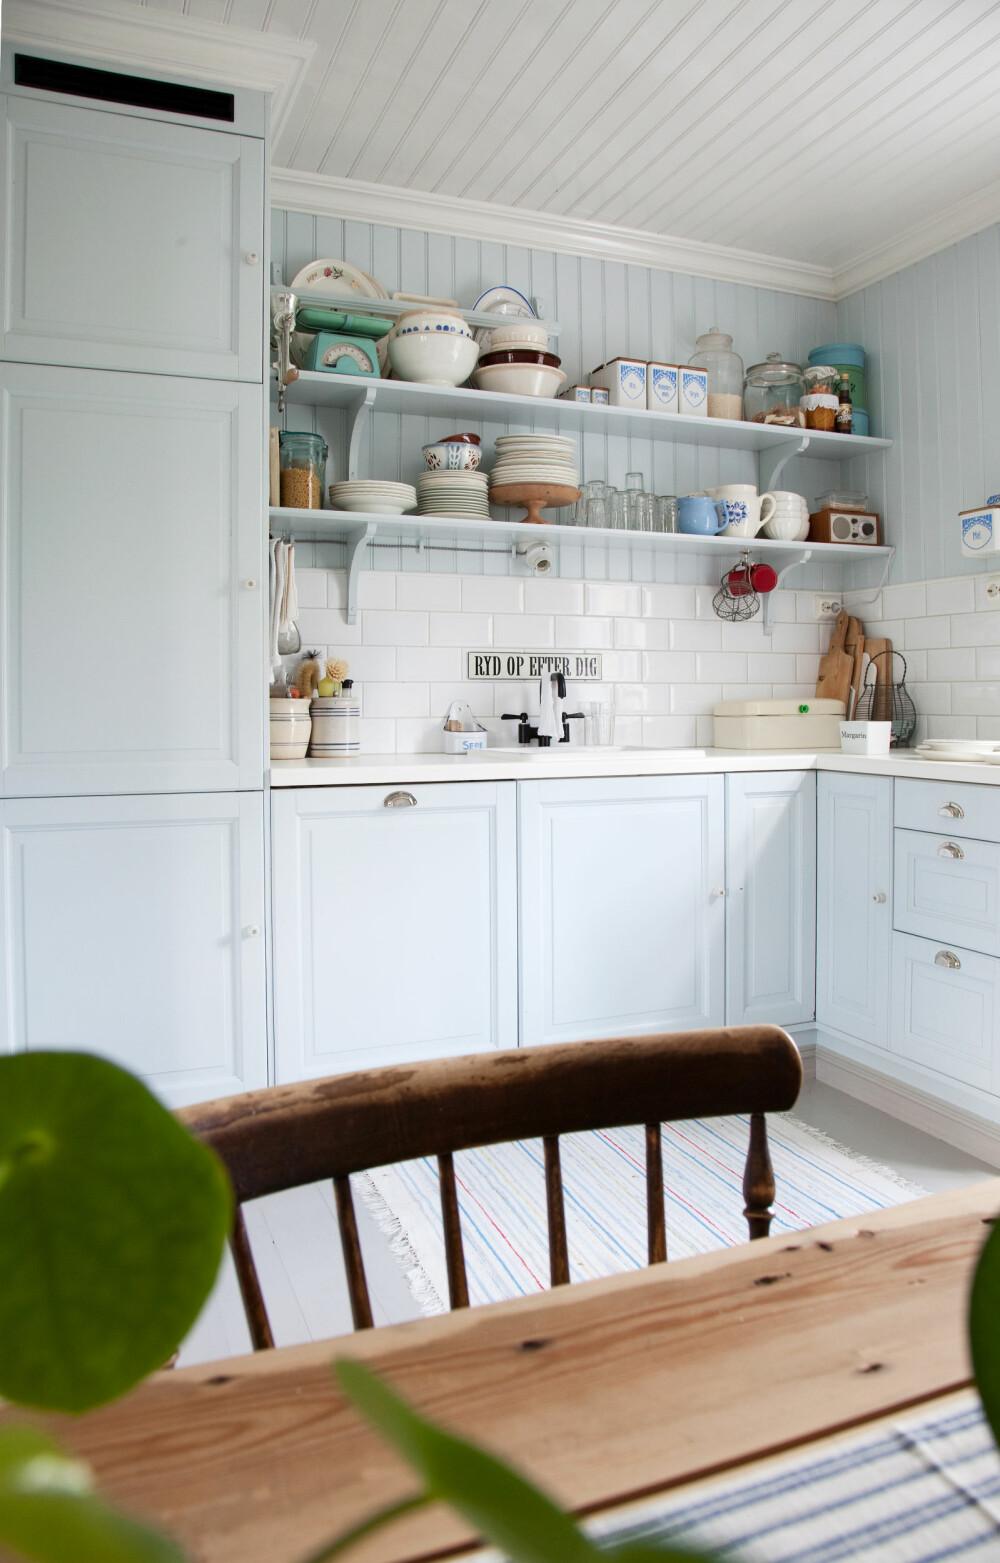 BYTTET OVERSKAP MED HYLLER: Rundt oppvaskbenken er det nå lyst og åpent, uten overskap, og nyvaskede kopper og kar kan enkelt settes opp på de åpne hyllene.